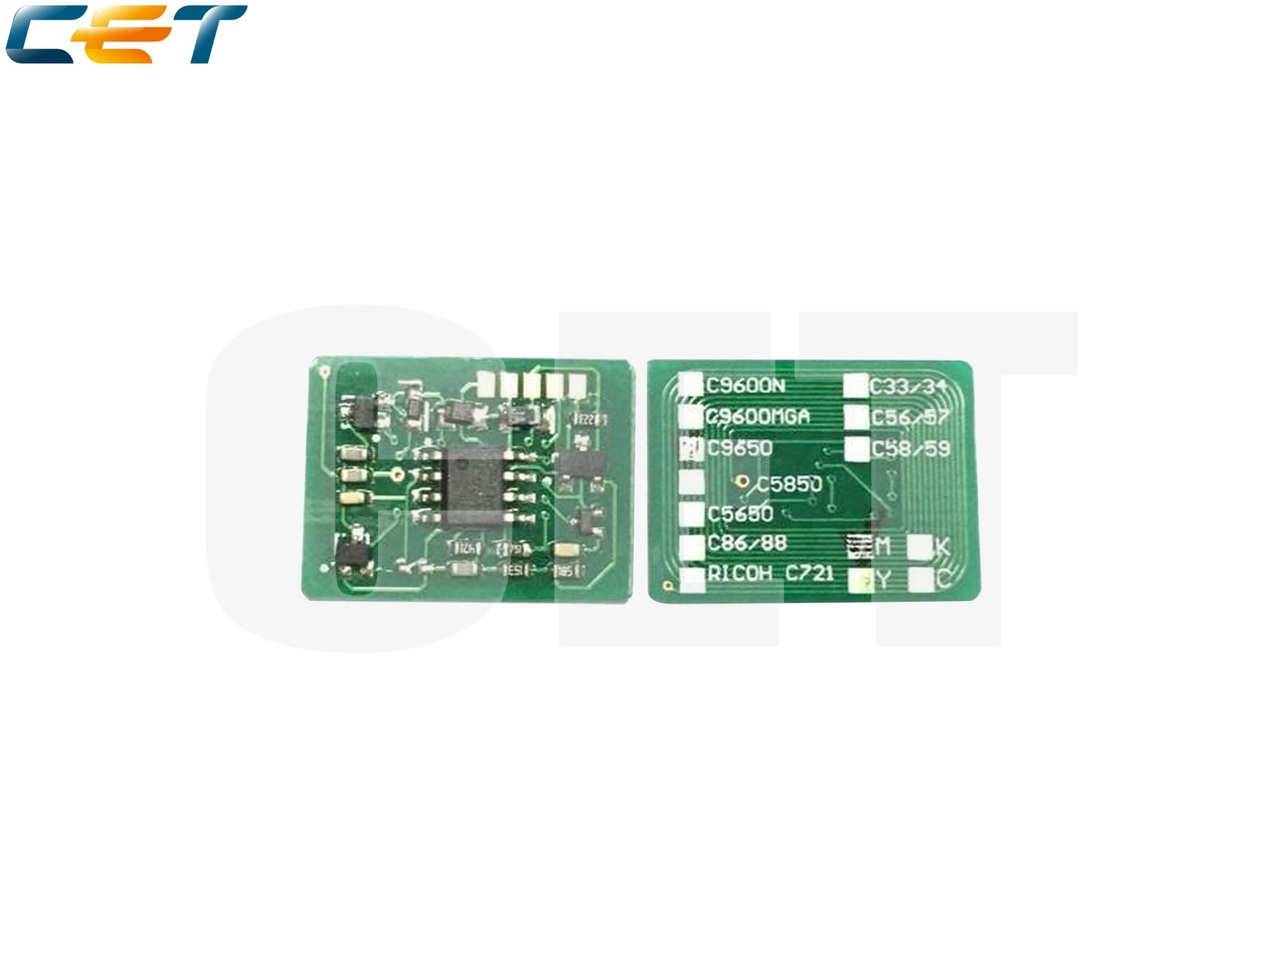 Чип картриджа 43865705, 43872306, 43872307, 43865708,43872305 для OKI C5650/C5750 (CET) CMYK, (AP/EUR),(унив.), 8K/2K, CET1160